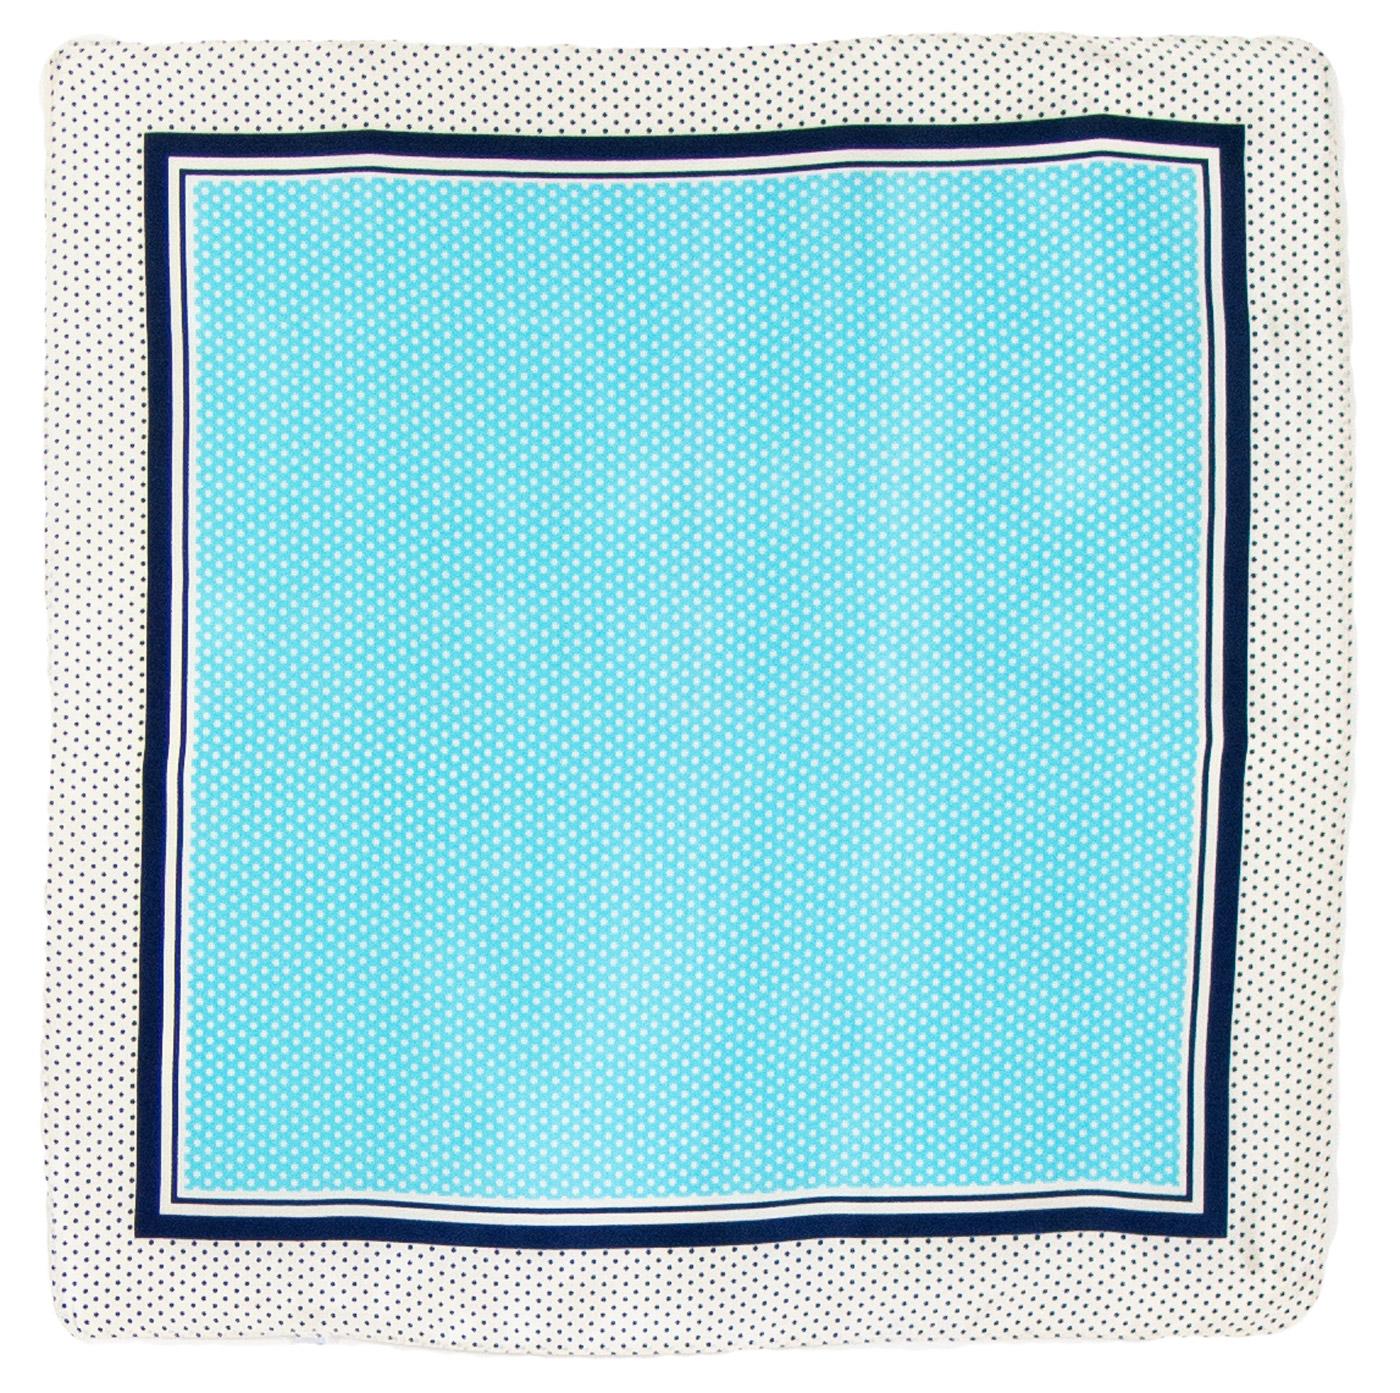 Foulard en soie carré bleu pois 50 cm